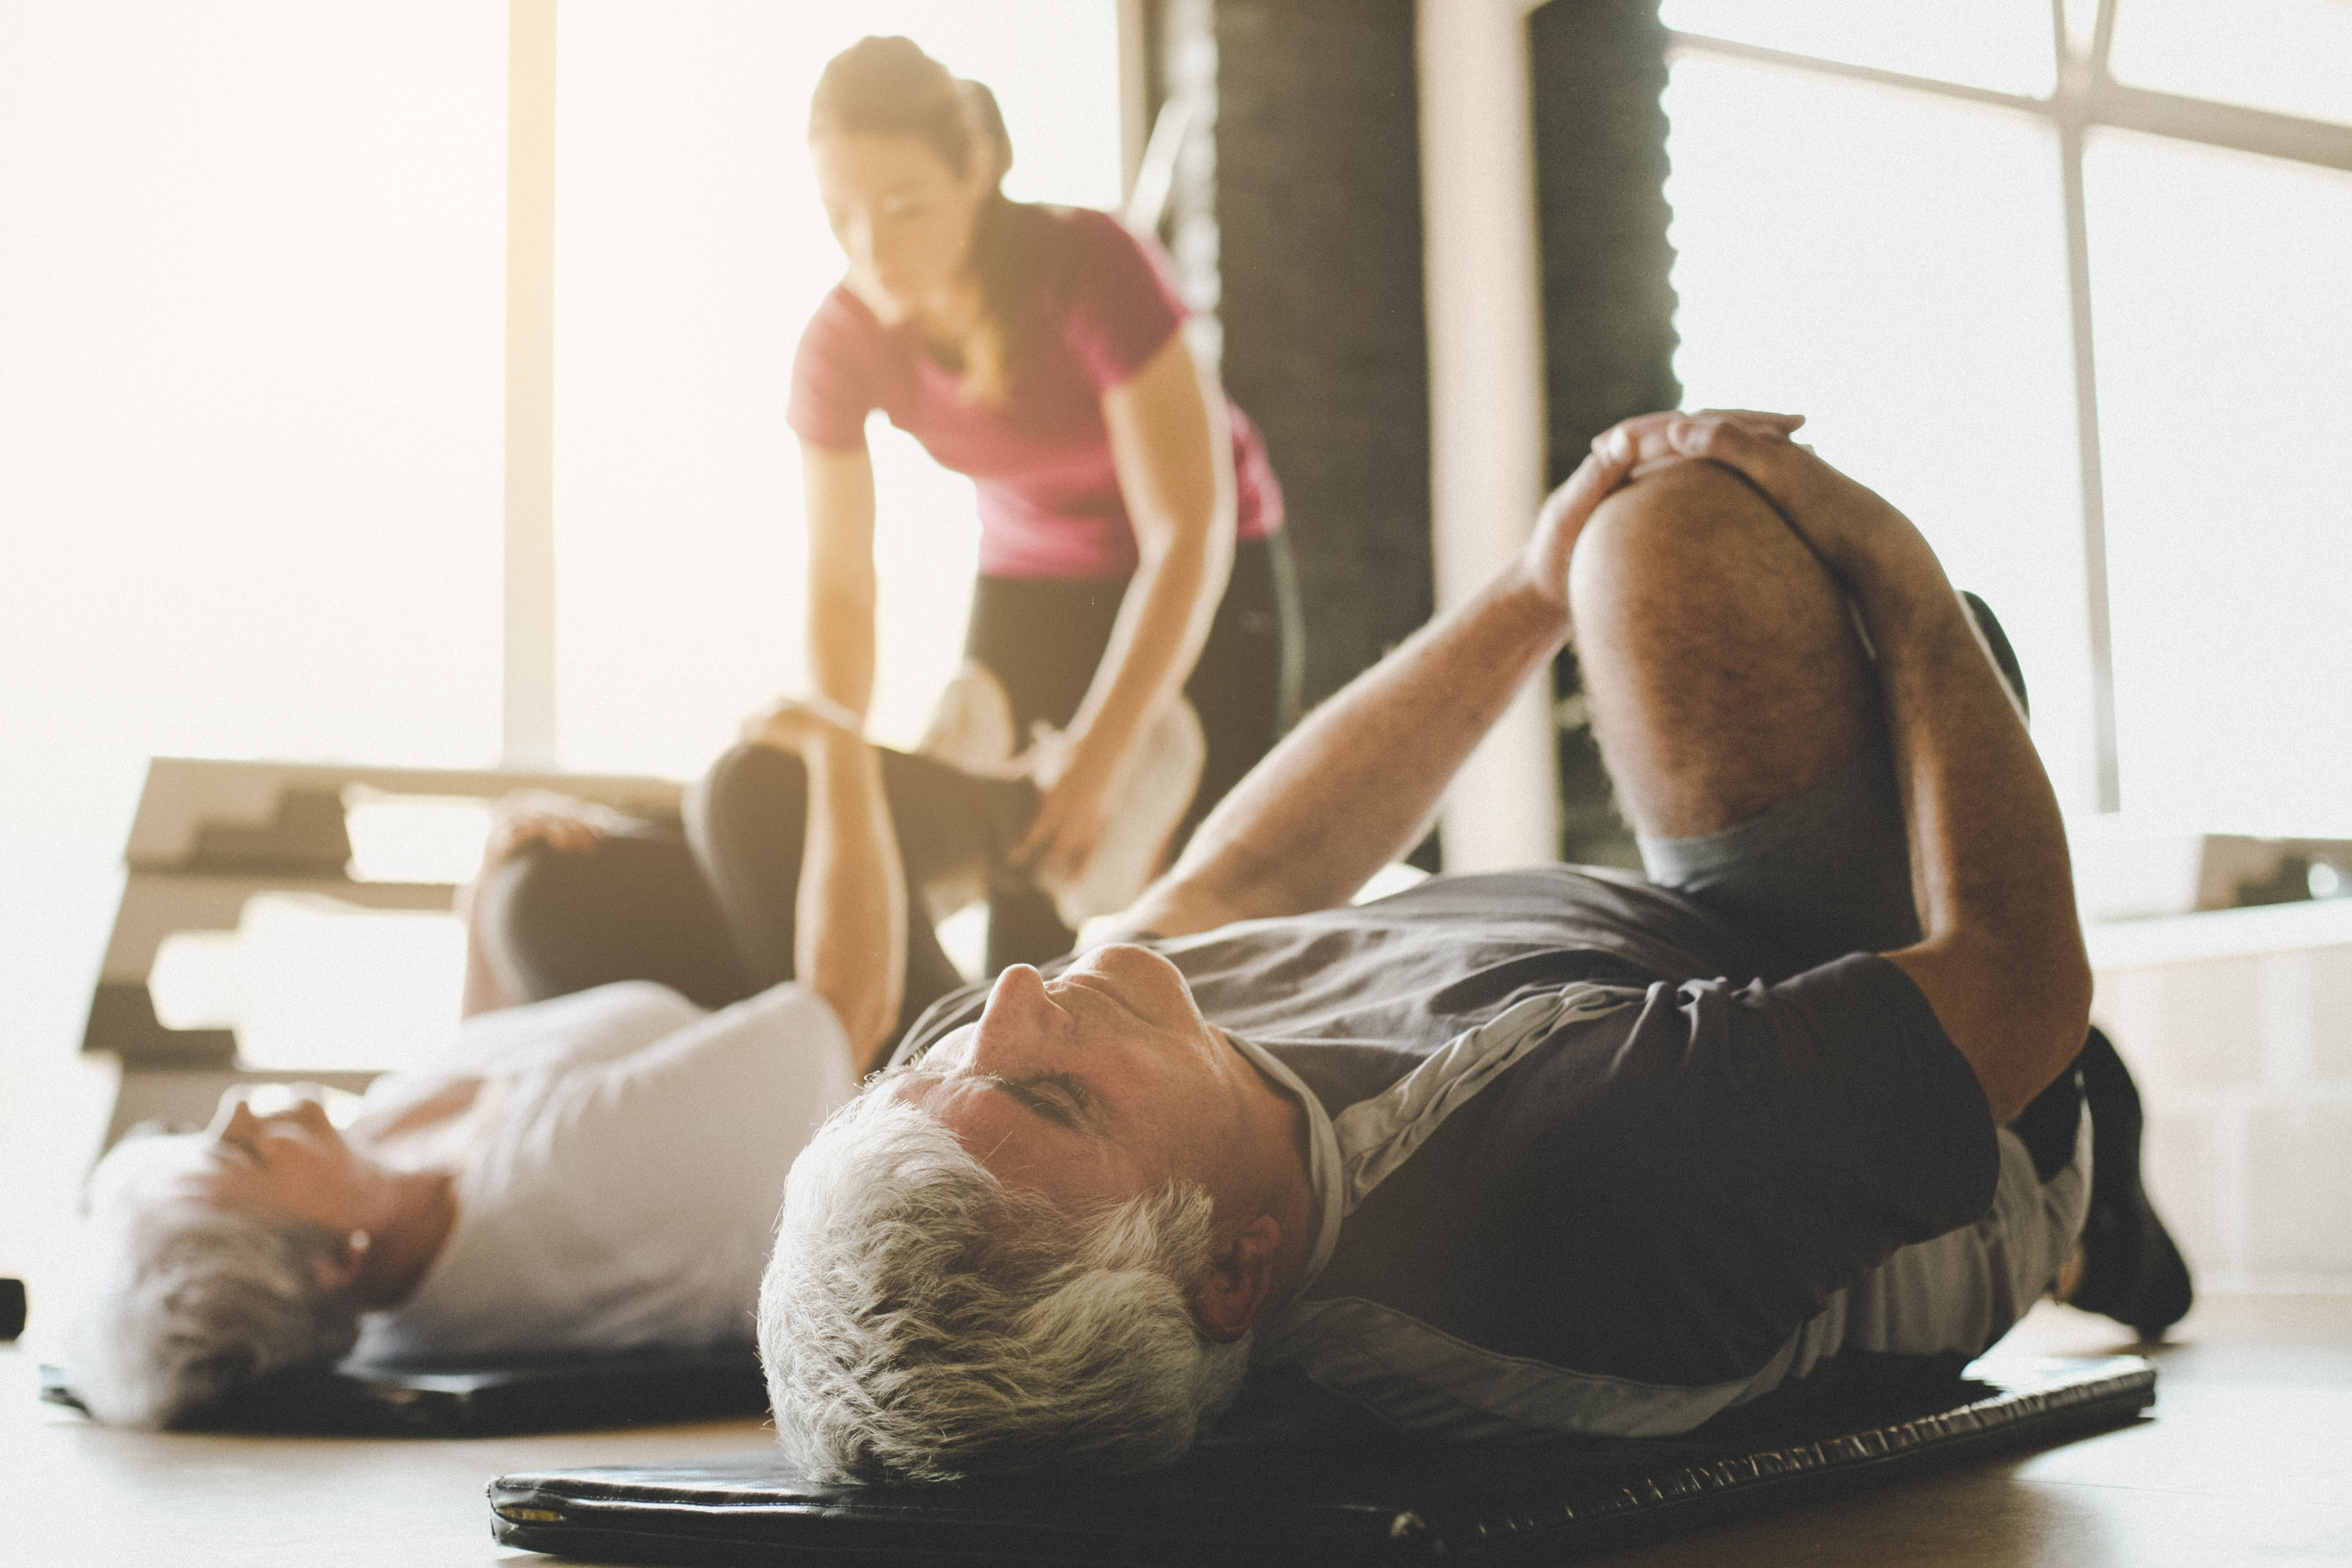 niche-yoga-online-yoga-training